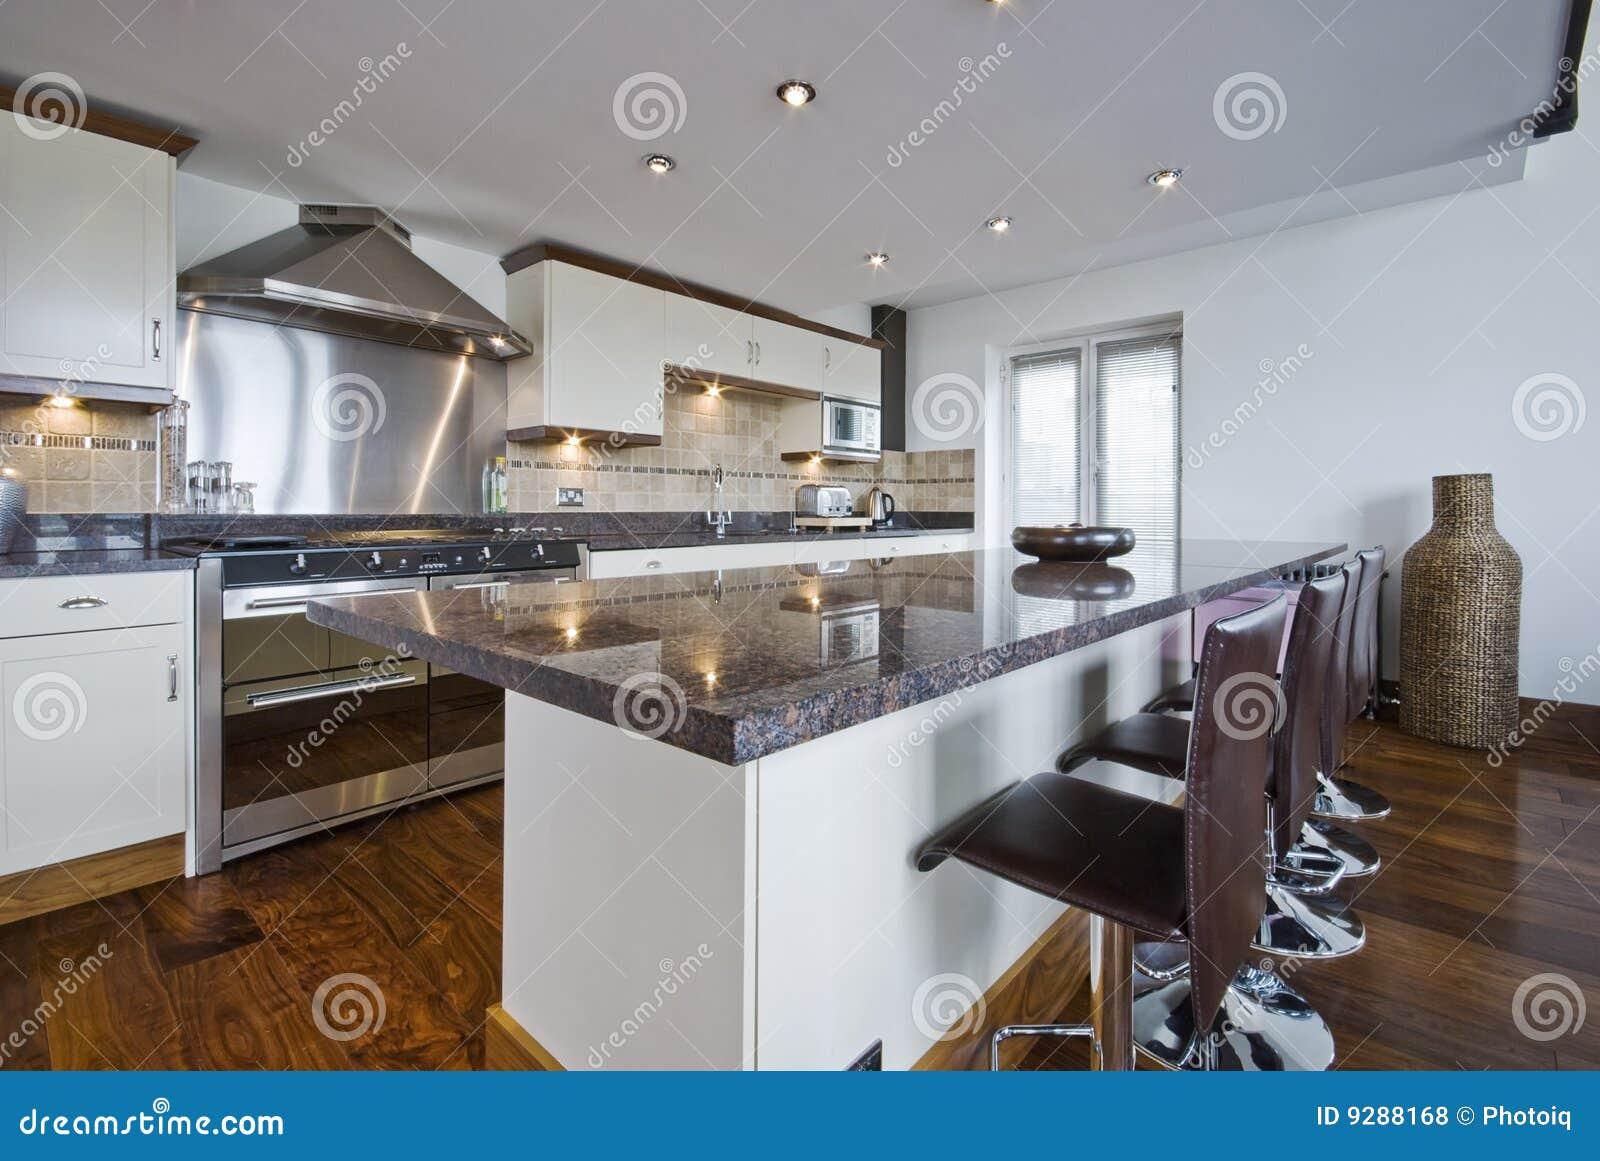 Cocina contempor nea con una barra de desayuno fotos de for Barras de desayuno para cocinas pequenas